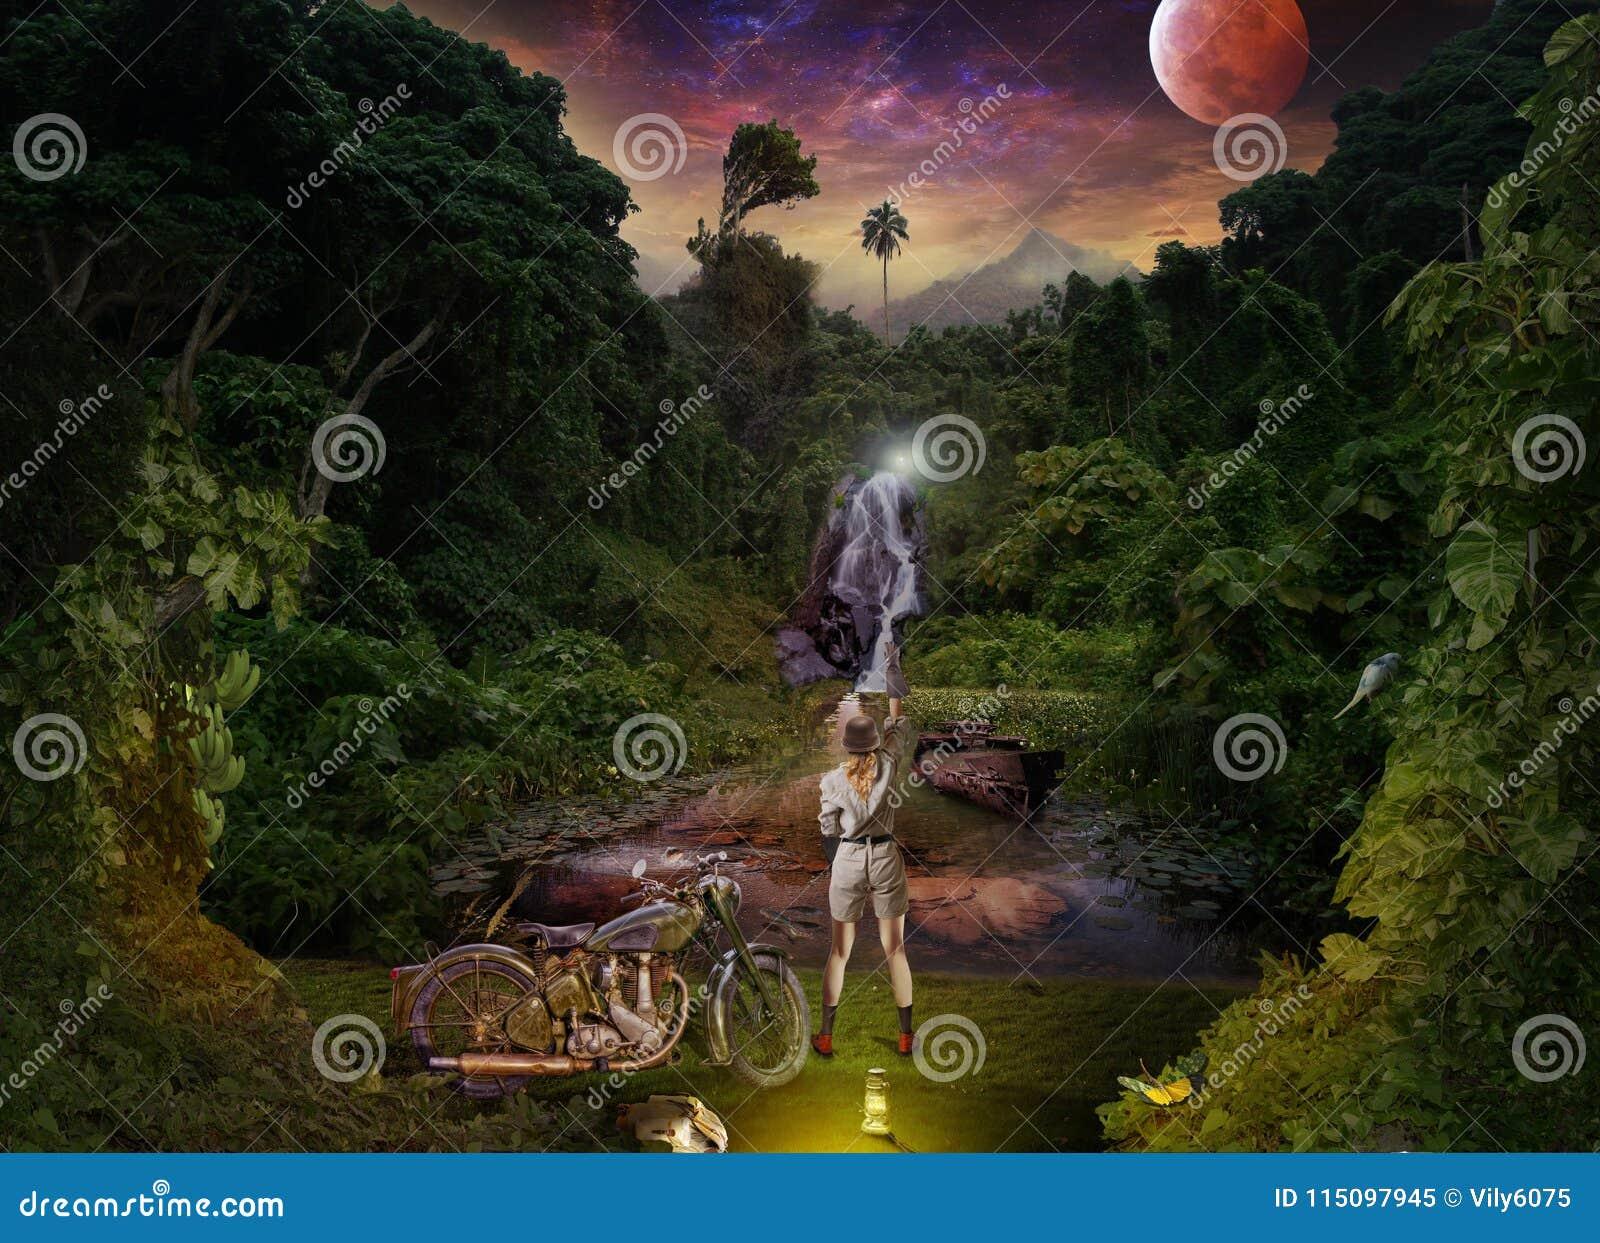 Reunión de la noche de viajeros en la selva tropical